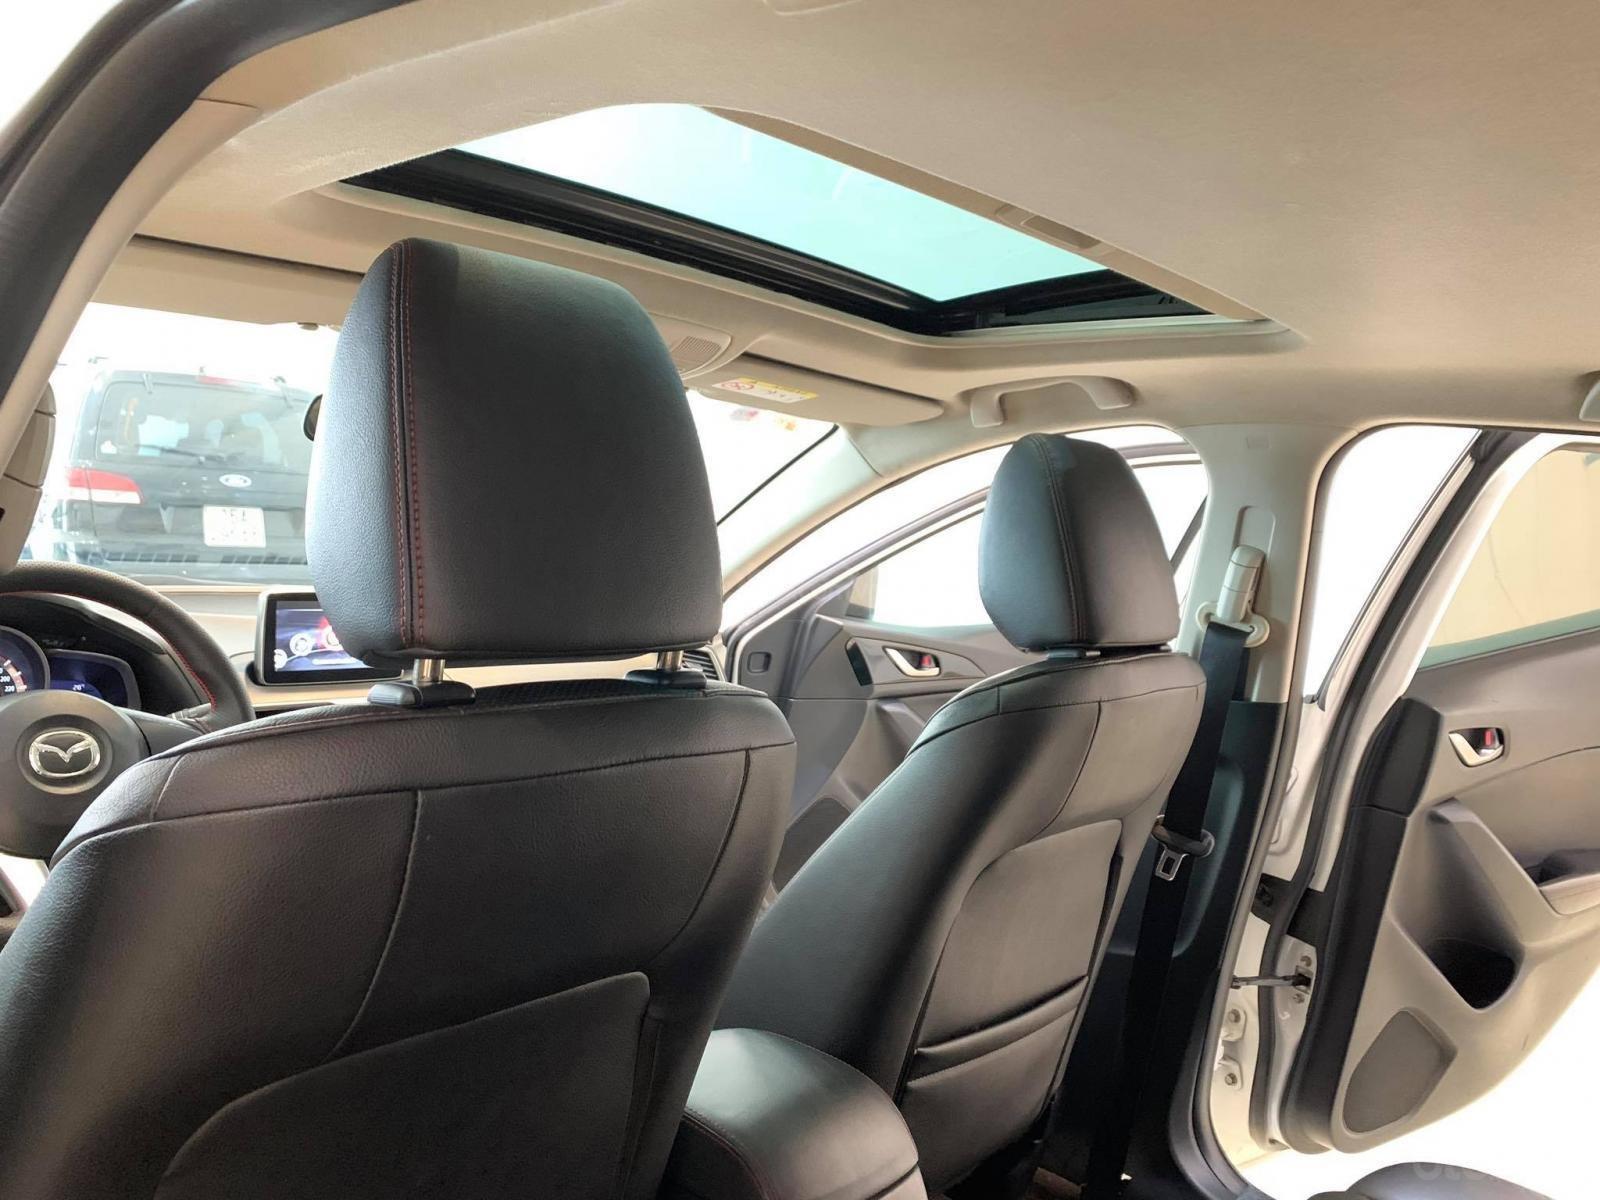 Bán nhanh với giá ưu đãi nhất chiếc Mazda 3 1.5AT sản xuất năm 2015, xe còn mới (7)